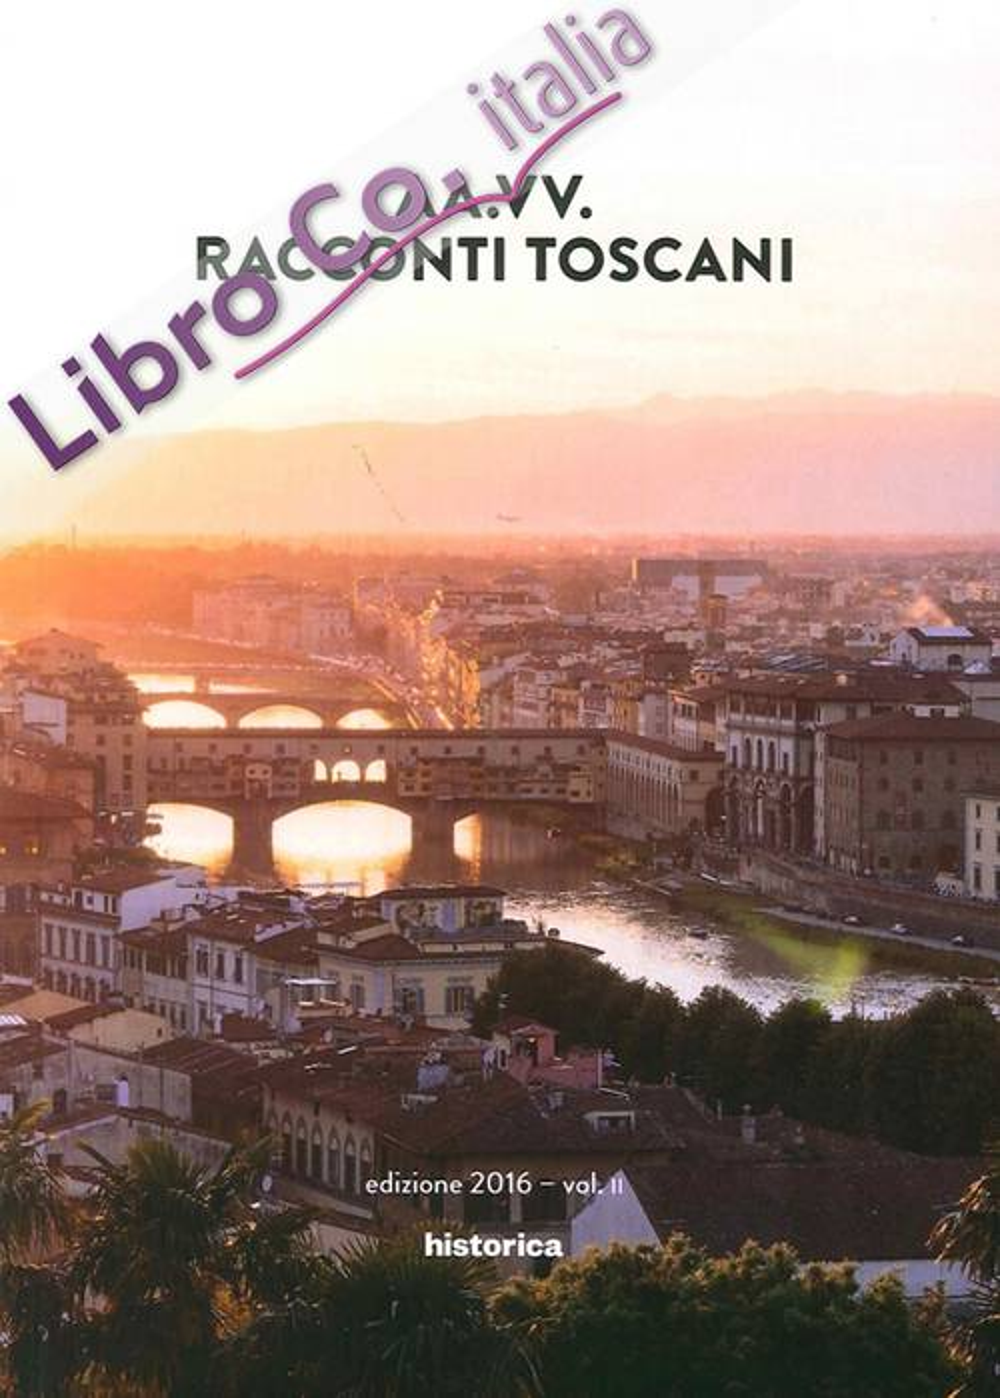 Racconti Toscani Vol. 2 Edizione 2016.